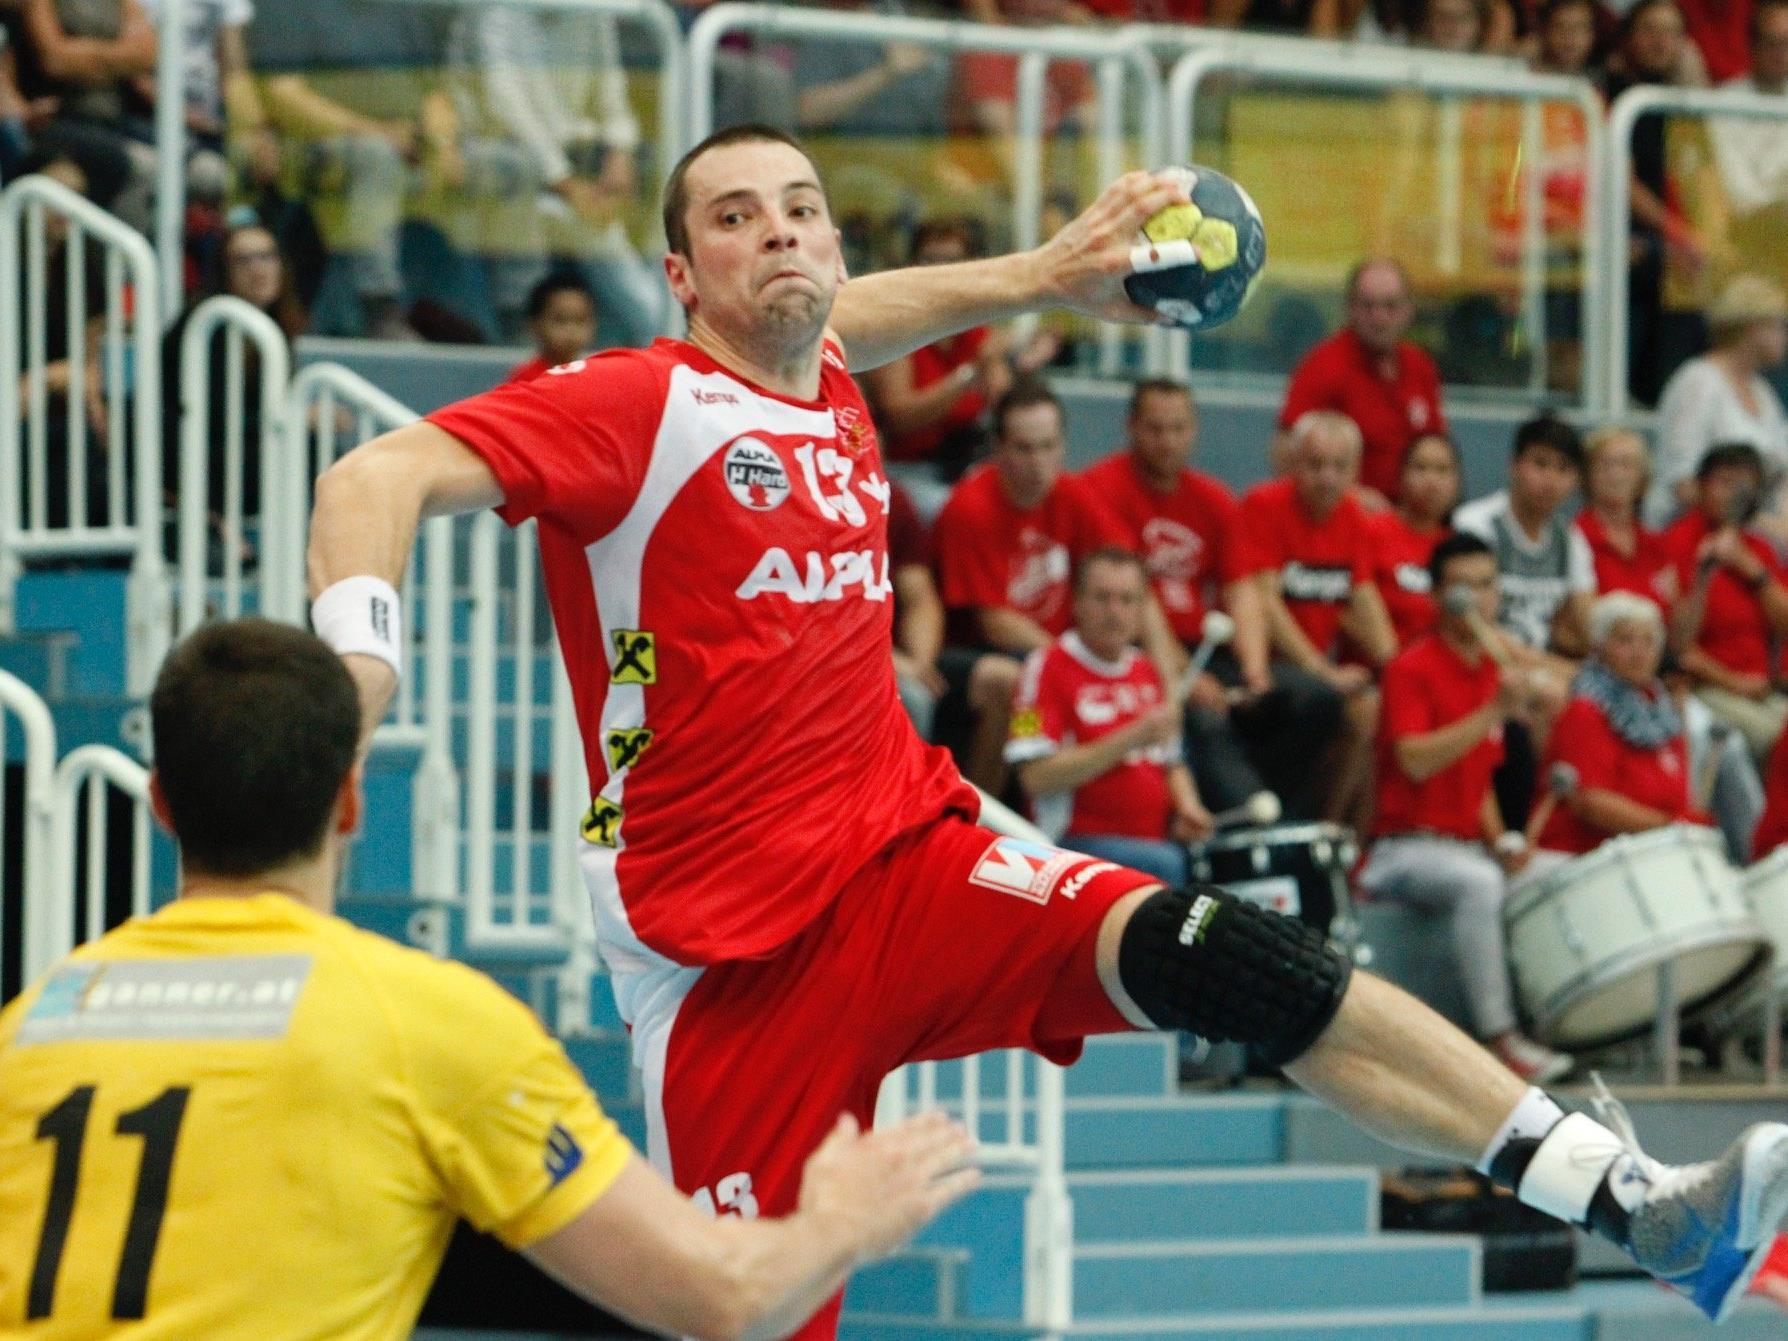 Marko Tanaskovic war im ersten Saison-Derby mit neun Toren der erfolgreichste Werfer.